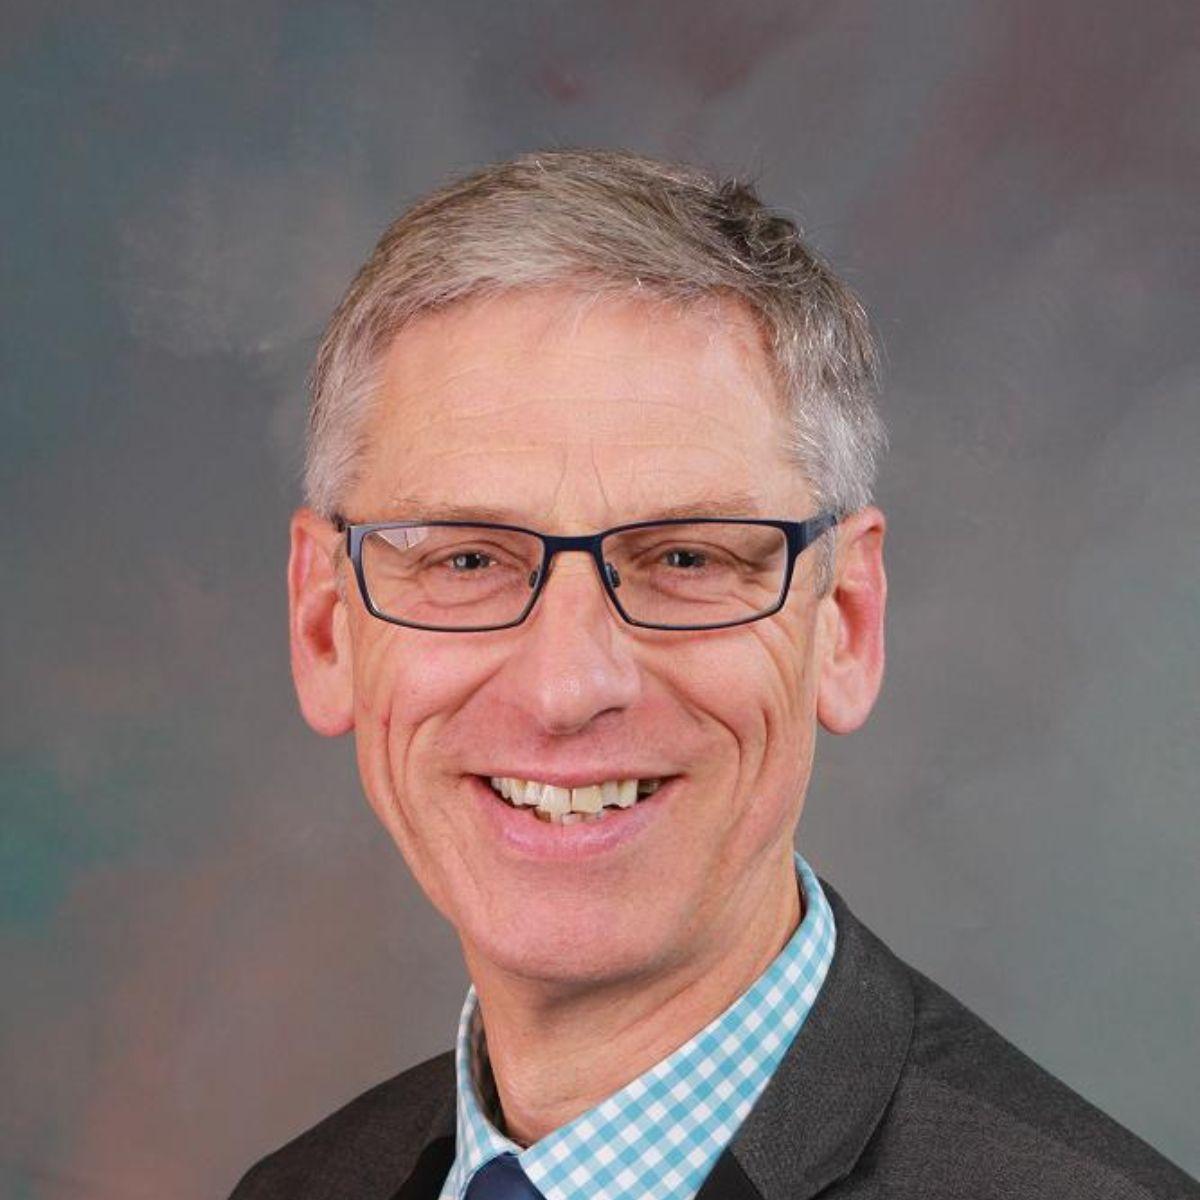 Mr R. Sutton